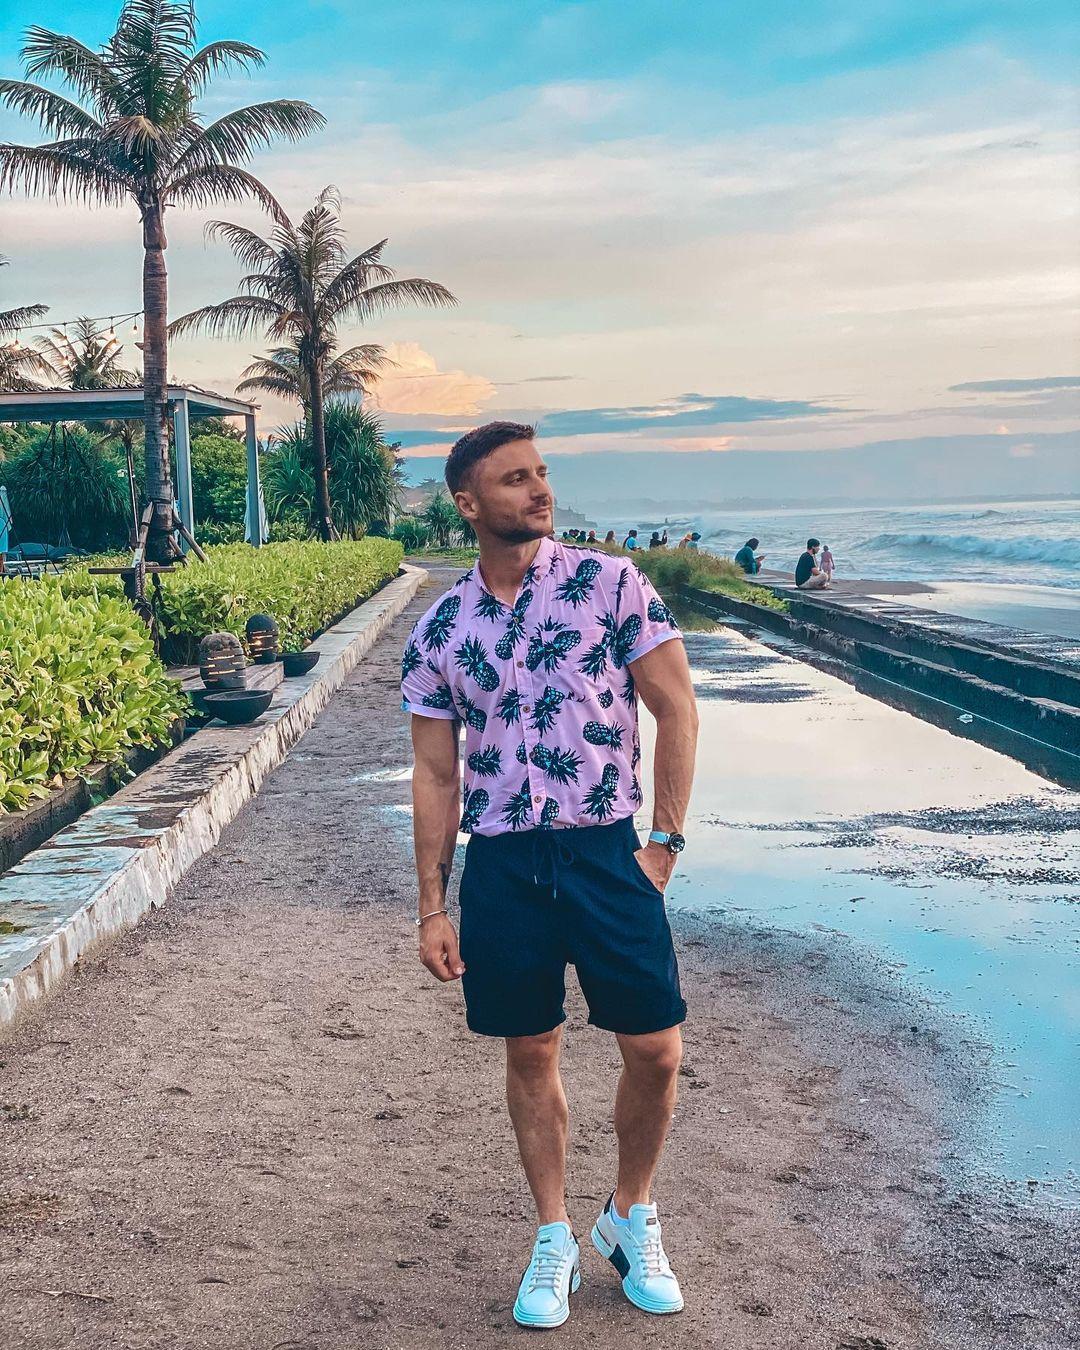 Названо имя девушки, отдыхающий на Бали в компании Сергея Лазарева и Алекса Малиновского